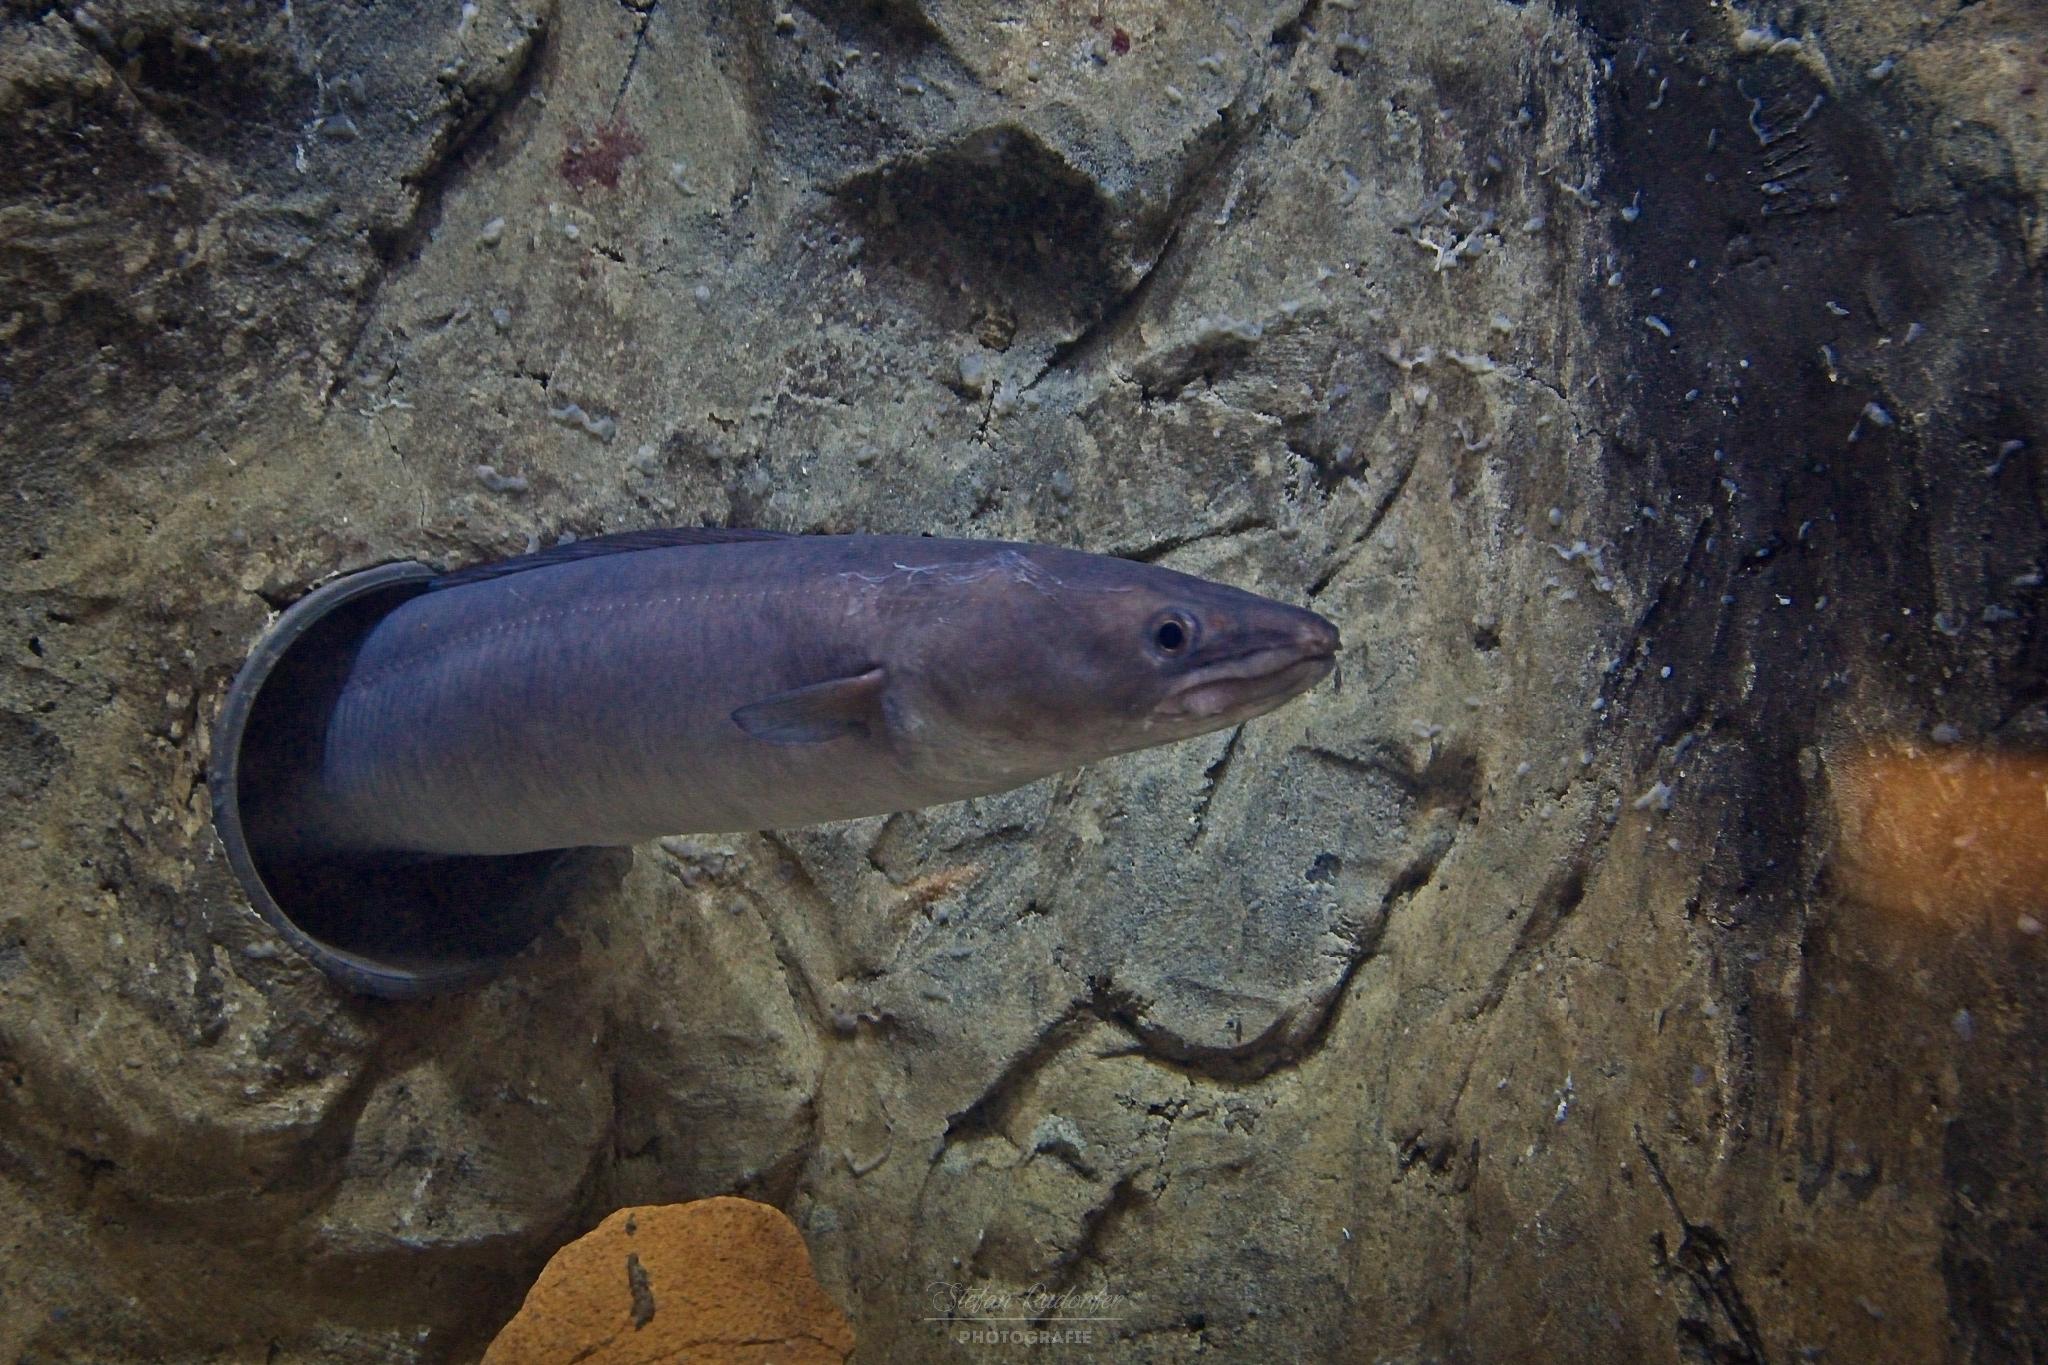 Muräne im Aquarium